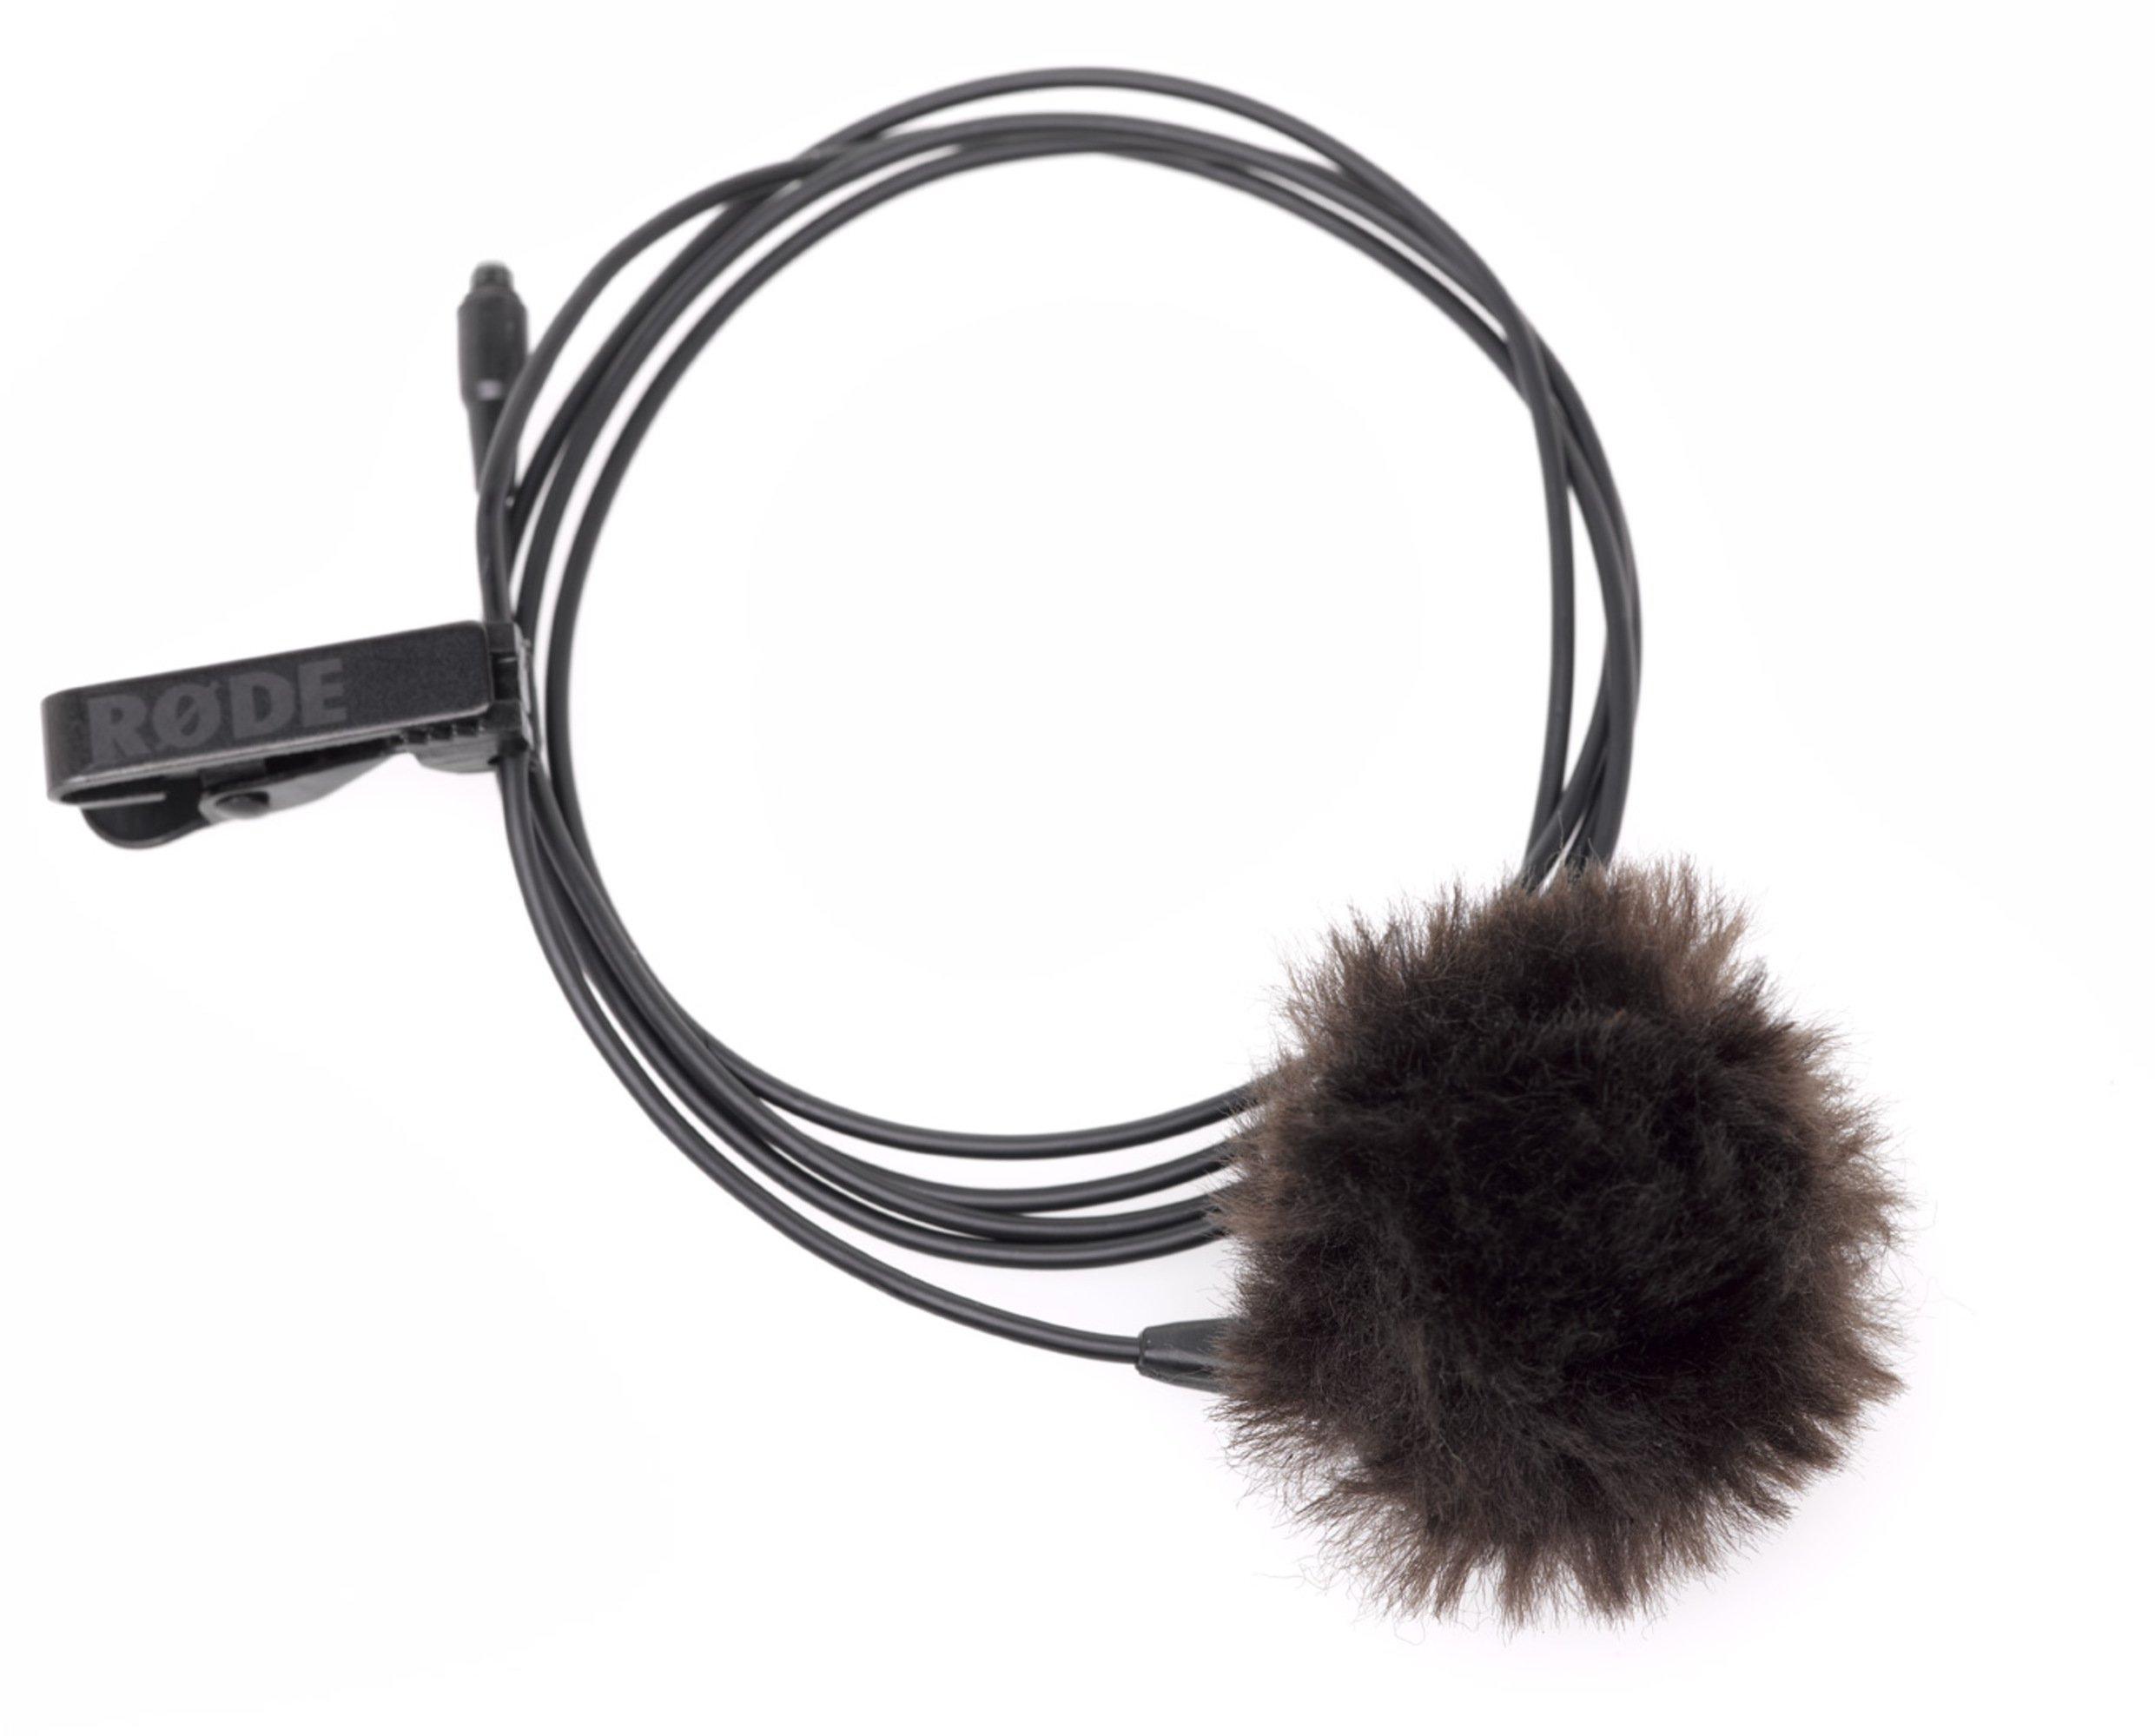 Rode DEADMOUSE-PIN - Micrófono dinámico